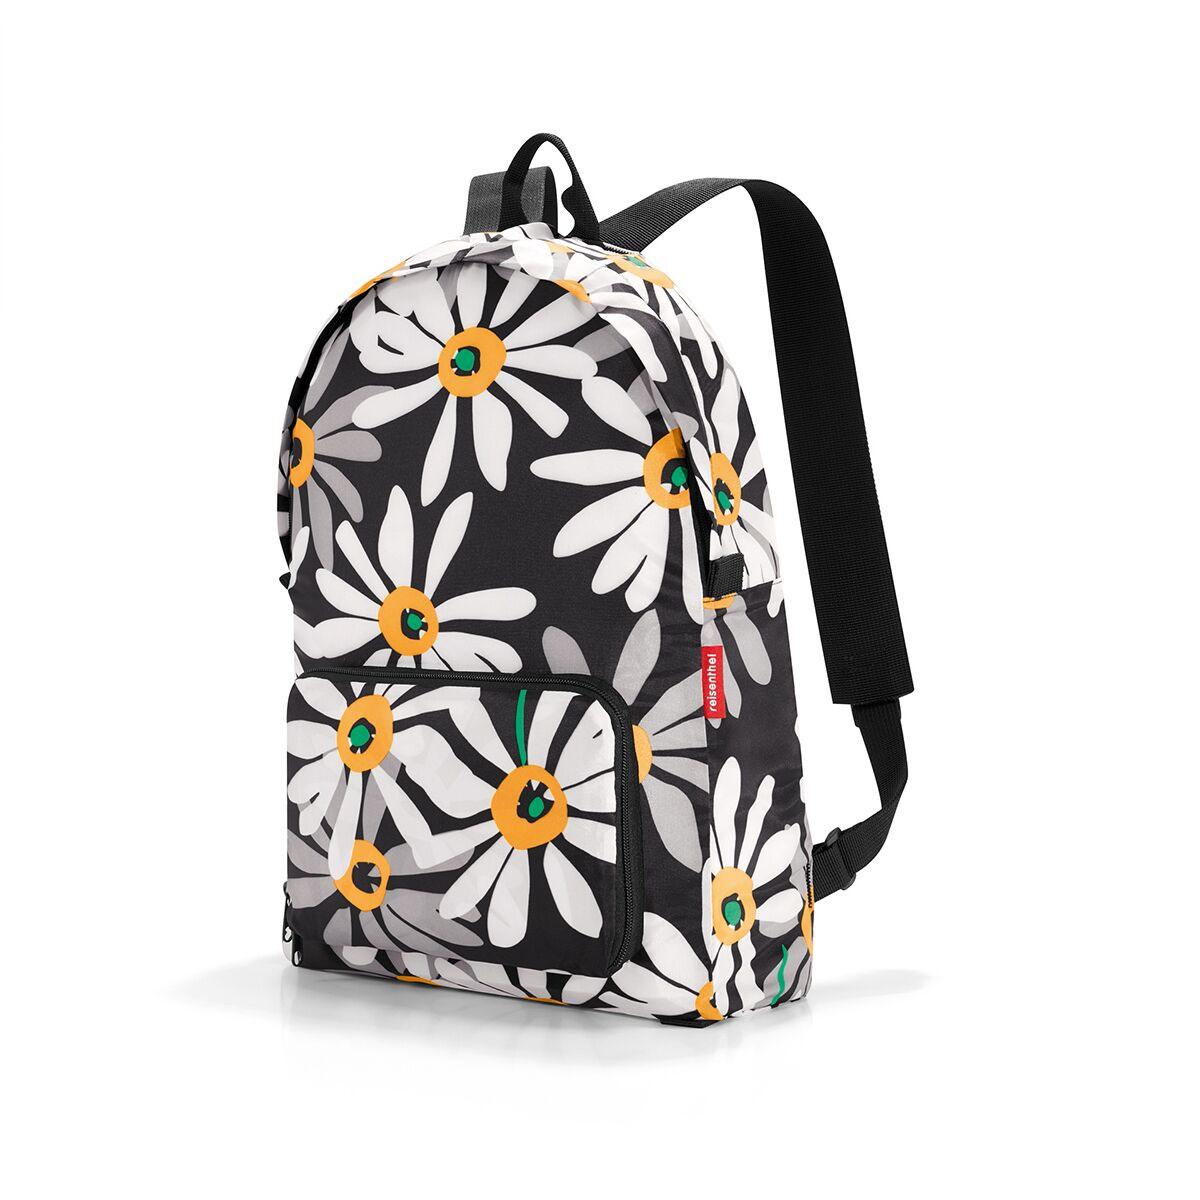 Рюкзак унисекс Reisenthel, цвет: черный. AP7038AP7038Находка для путешествий и походов в магазины: рюкзак, способный уместиться в маленький чехол. Он легко складывается в собственный внешний карман, так что вы всегда можете брать его с собой на всякий случай. Вмещает 14 литров. Широкие лямки позволяют распределить нагрузку равномерно, так что вам не страшны килограммы картошки и тяжелые книги.